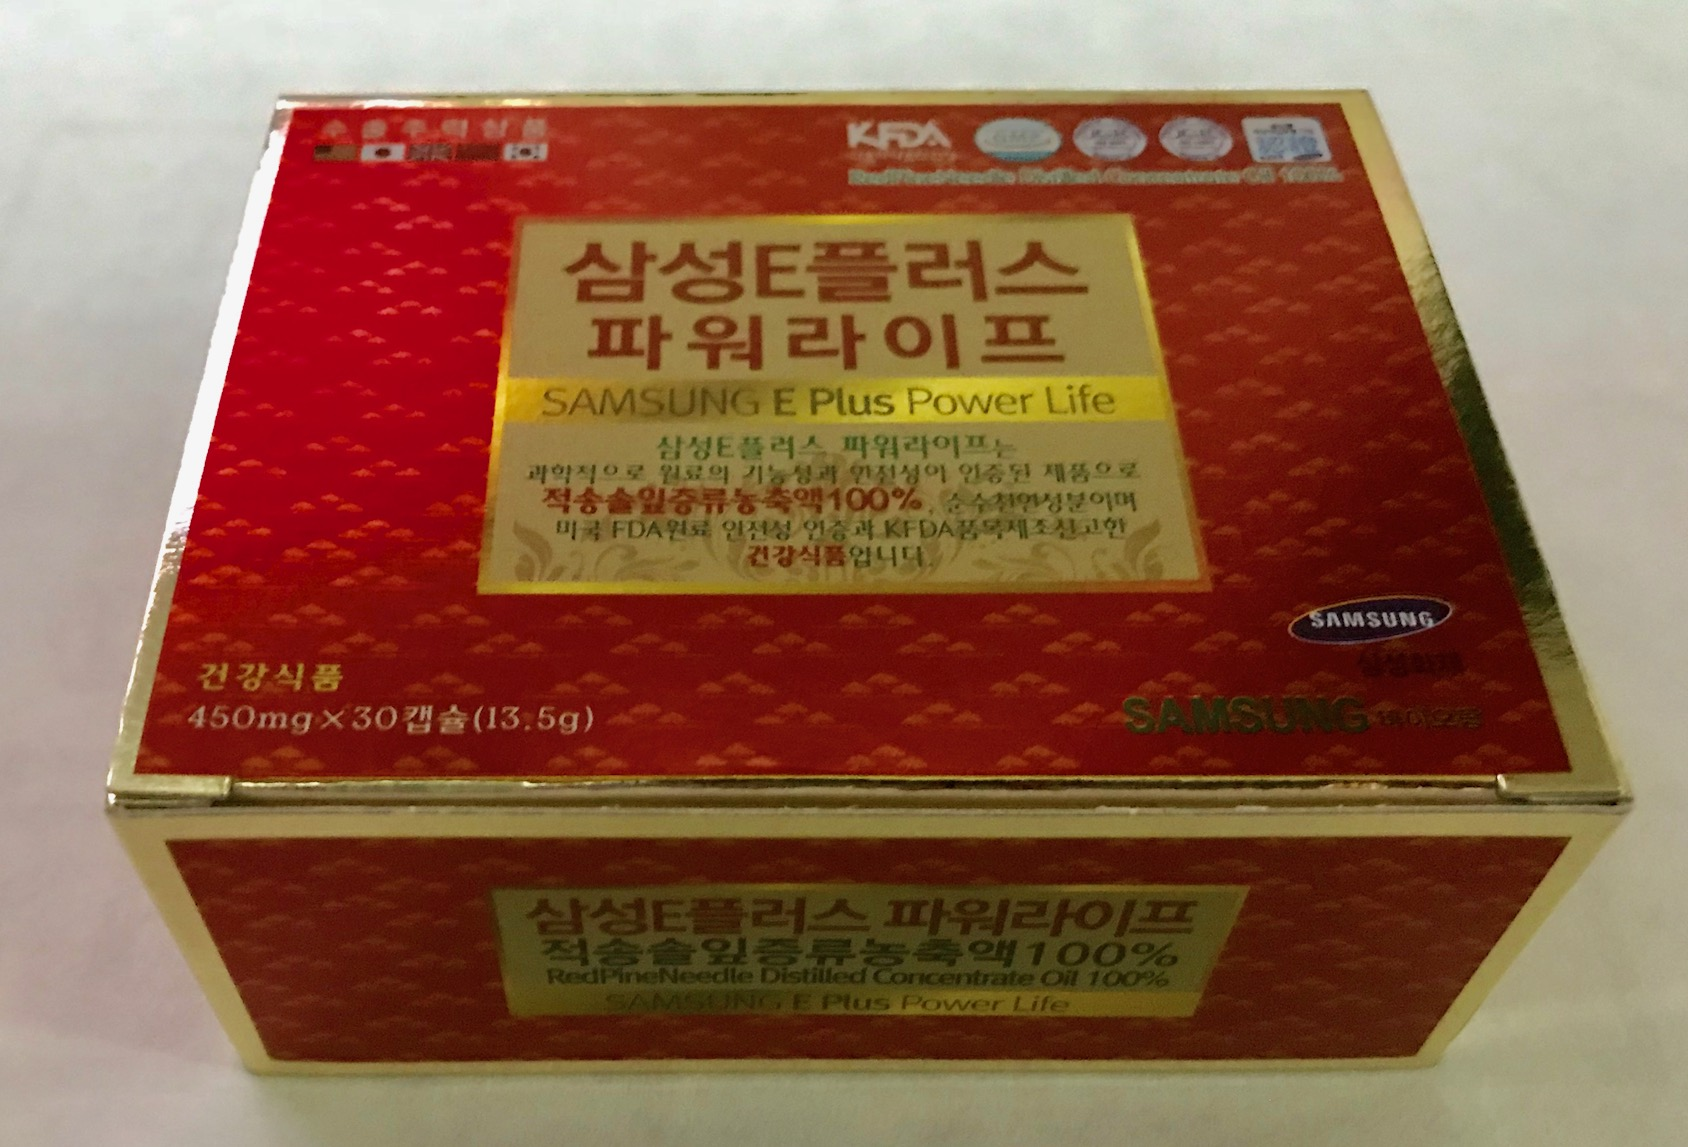 จ๊อก ซอง วอน น้ำมันสนเข็มแดง 1 กล่อง 30 เม็ด